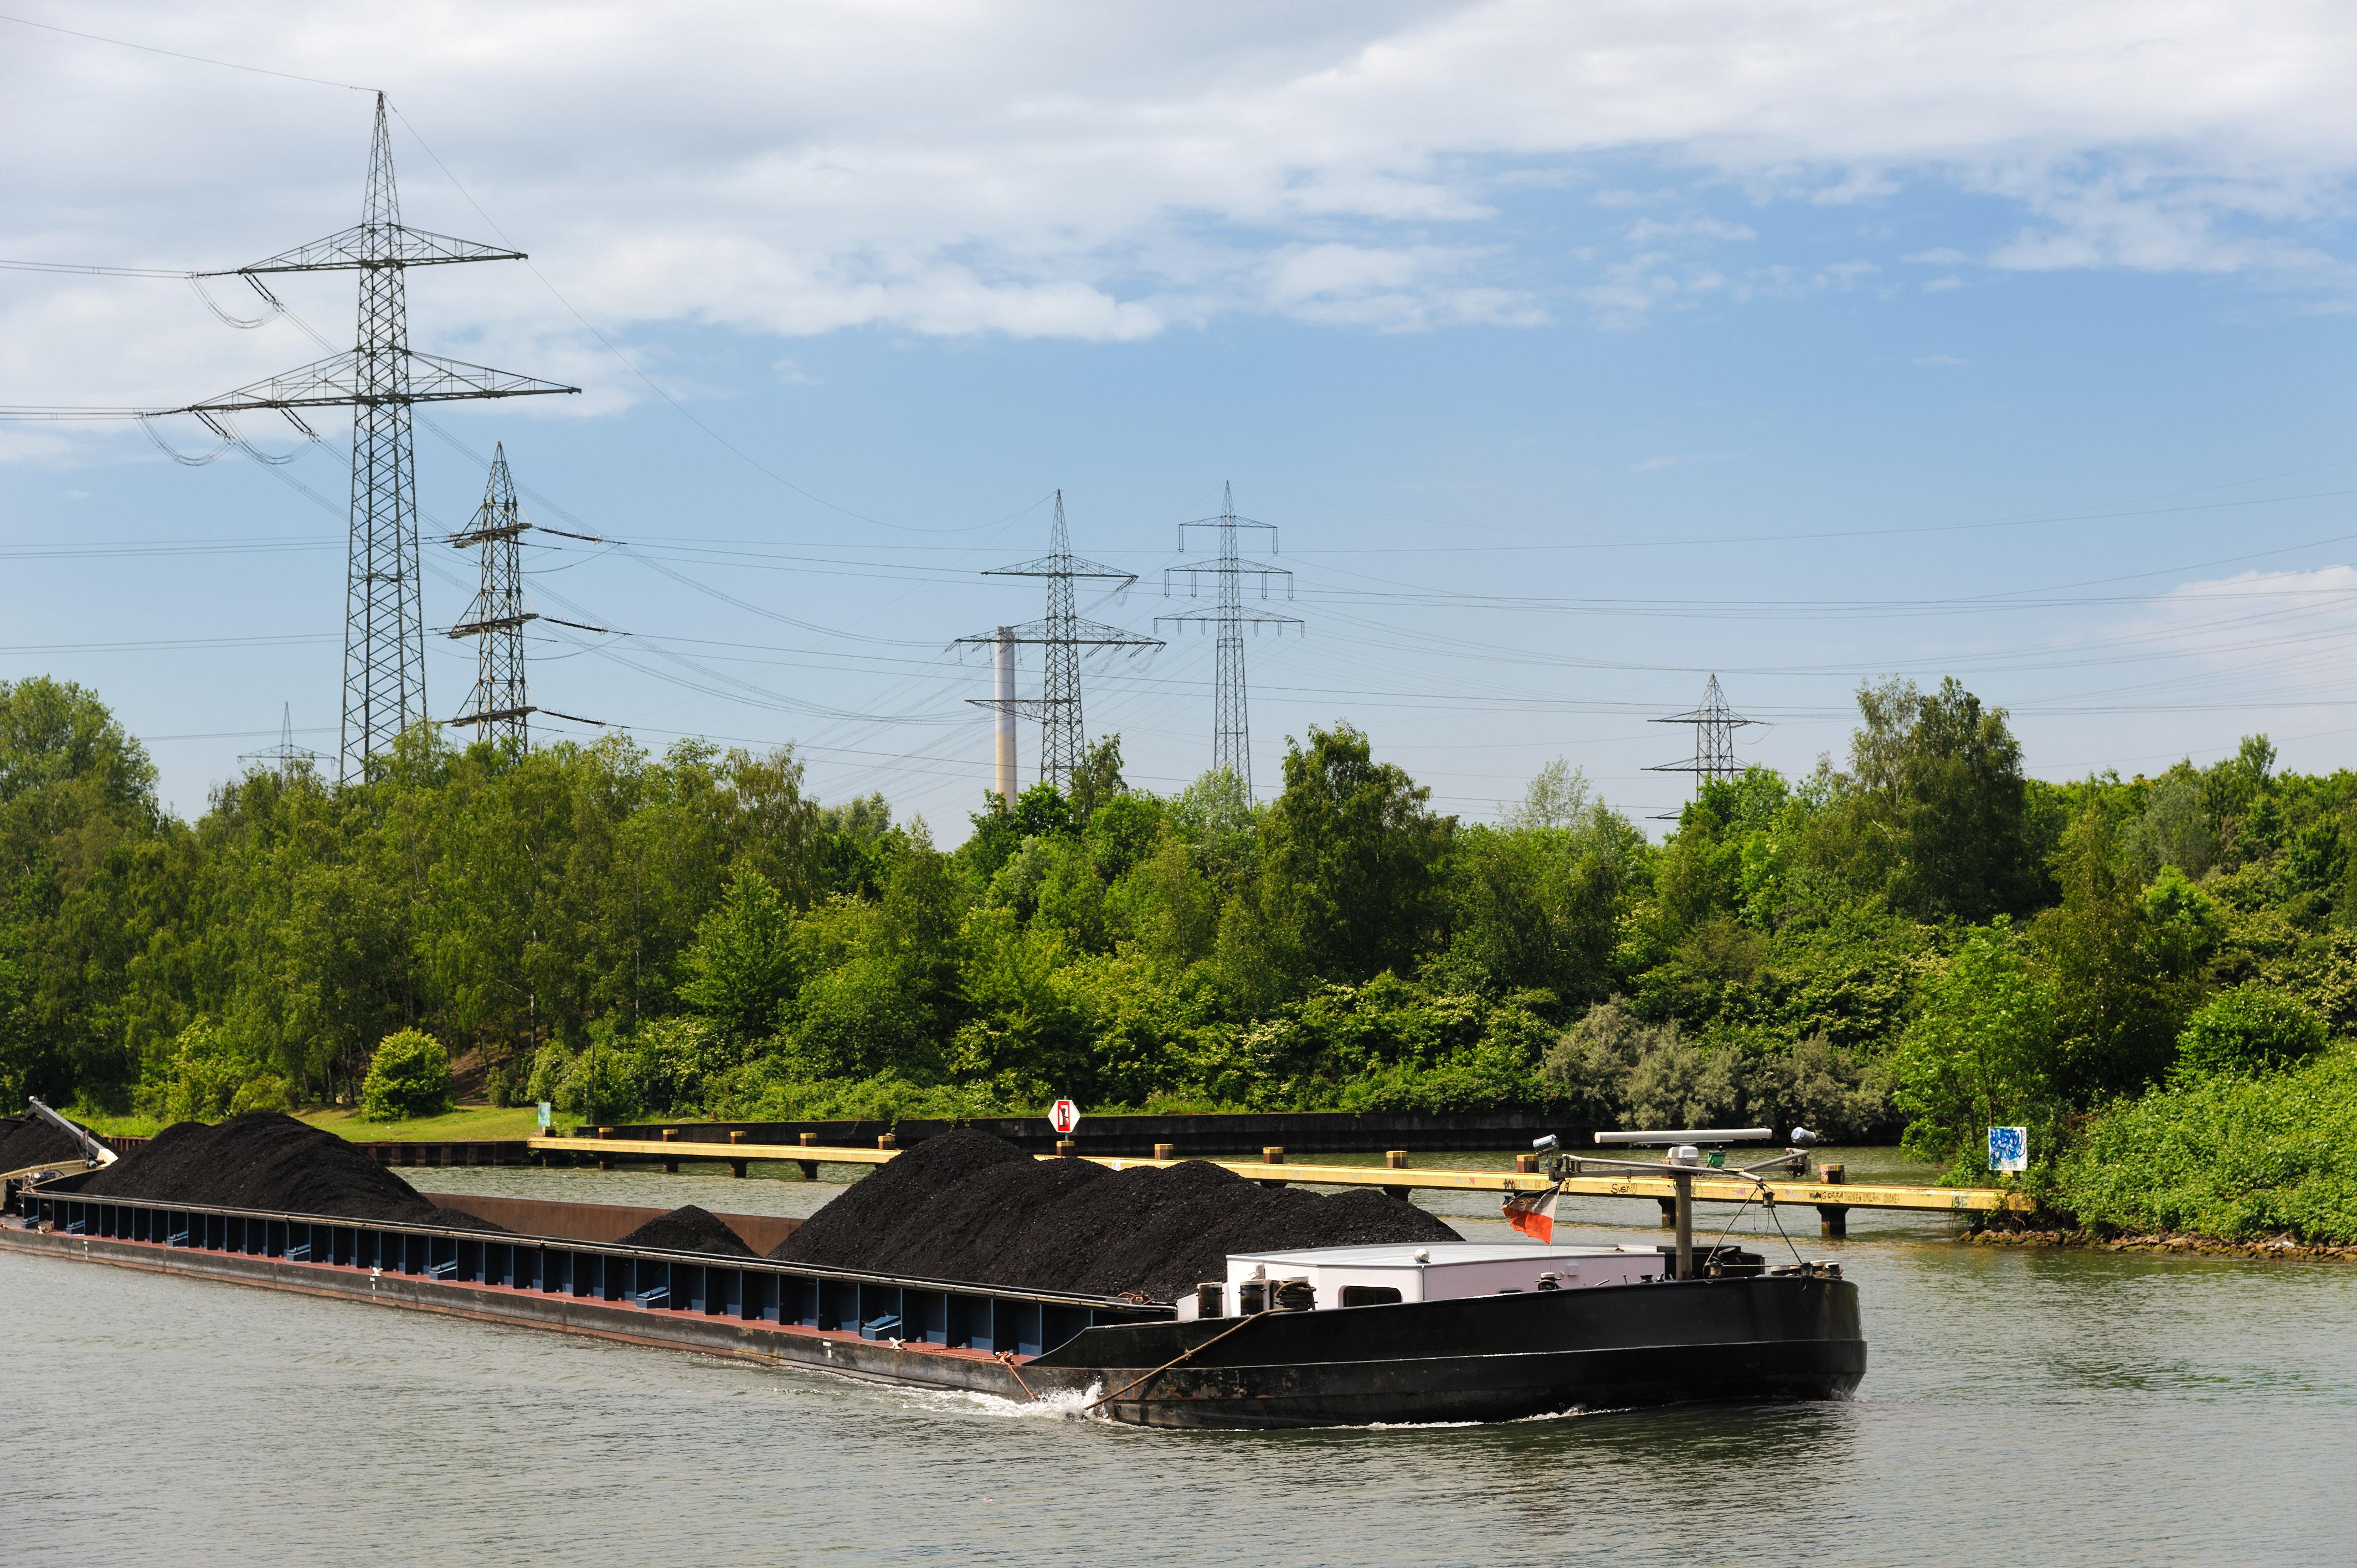 Paket trieb in Kanal Kanufahrerin findet verschnürte Leiche